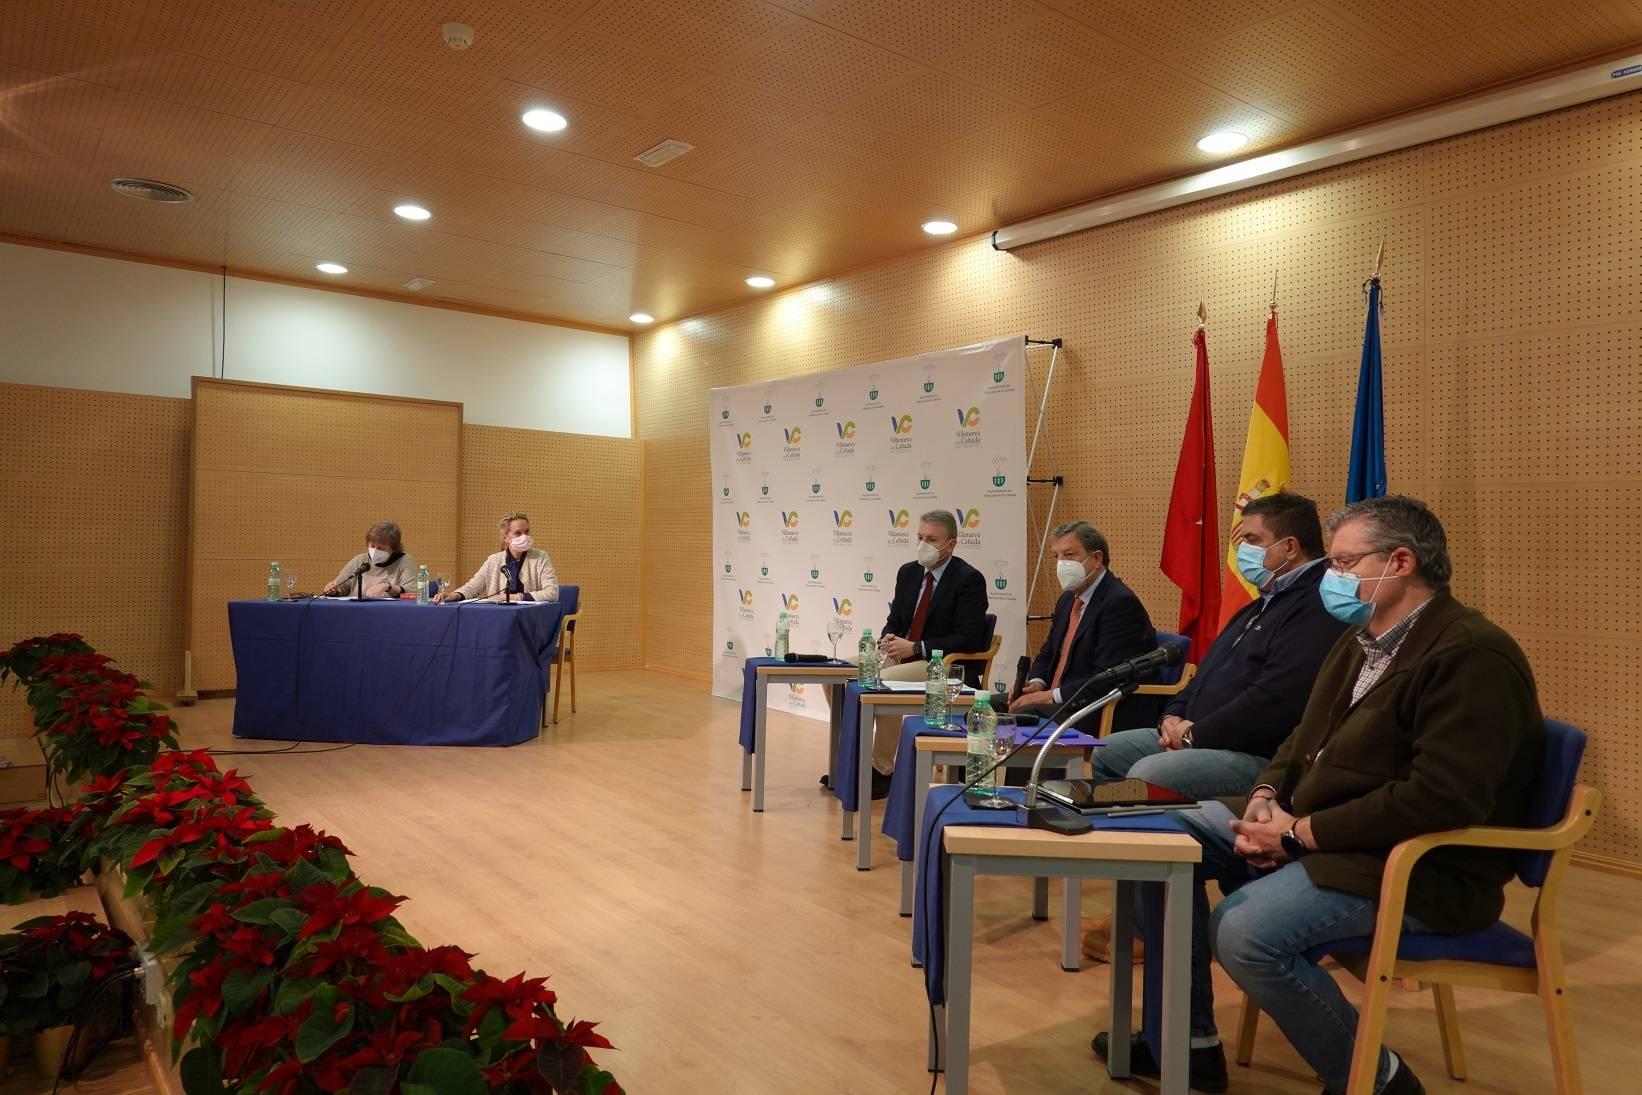 Imagen de la reunión en el C.C. El Molino.